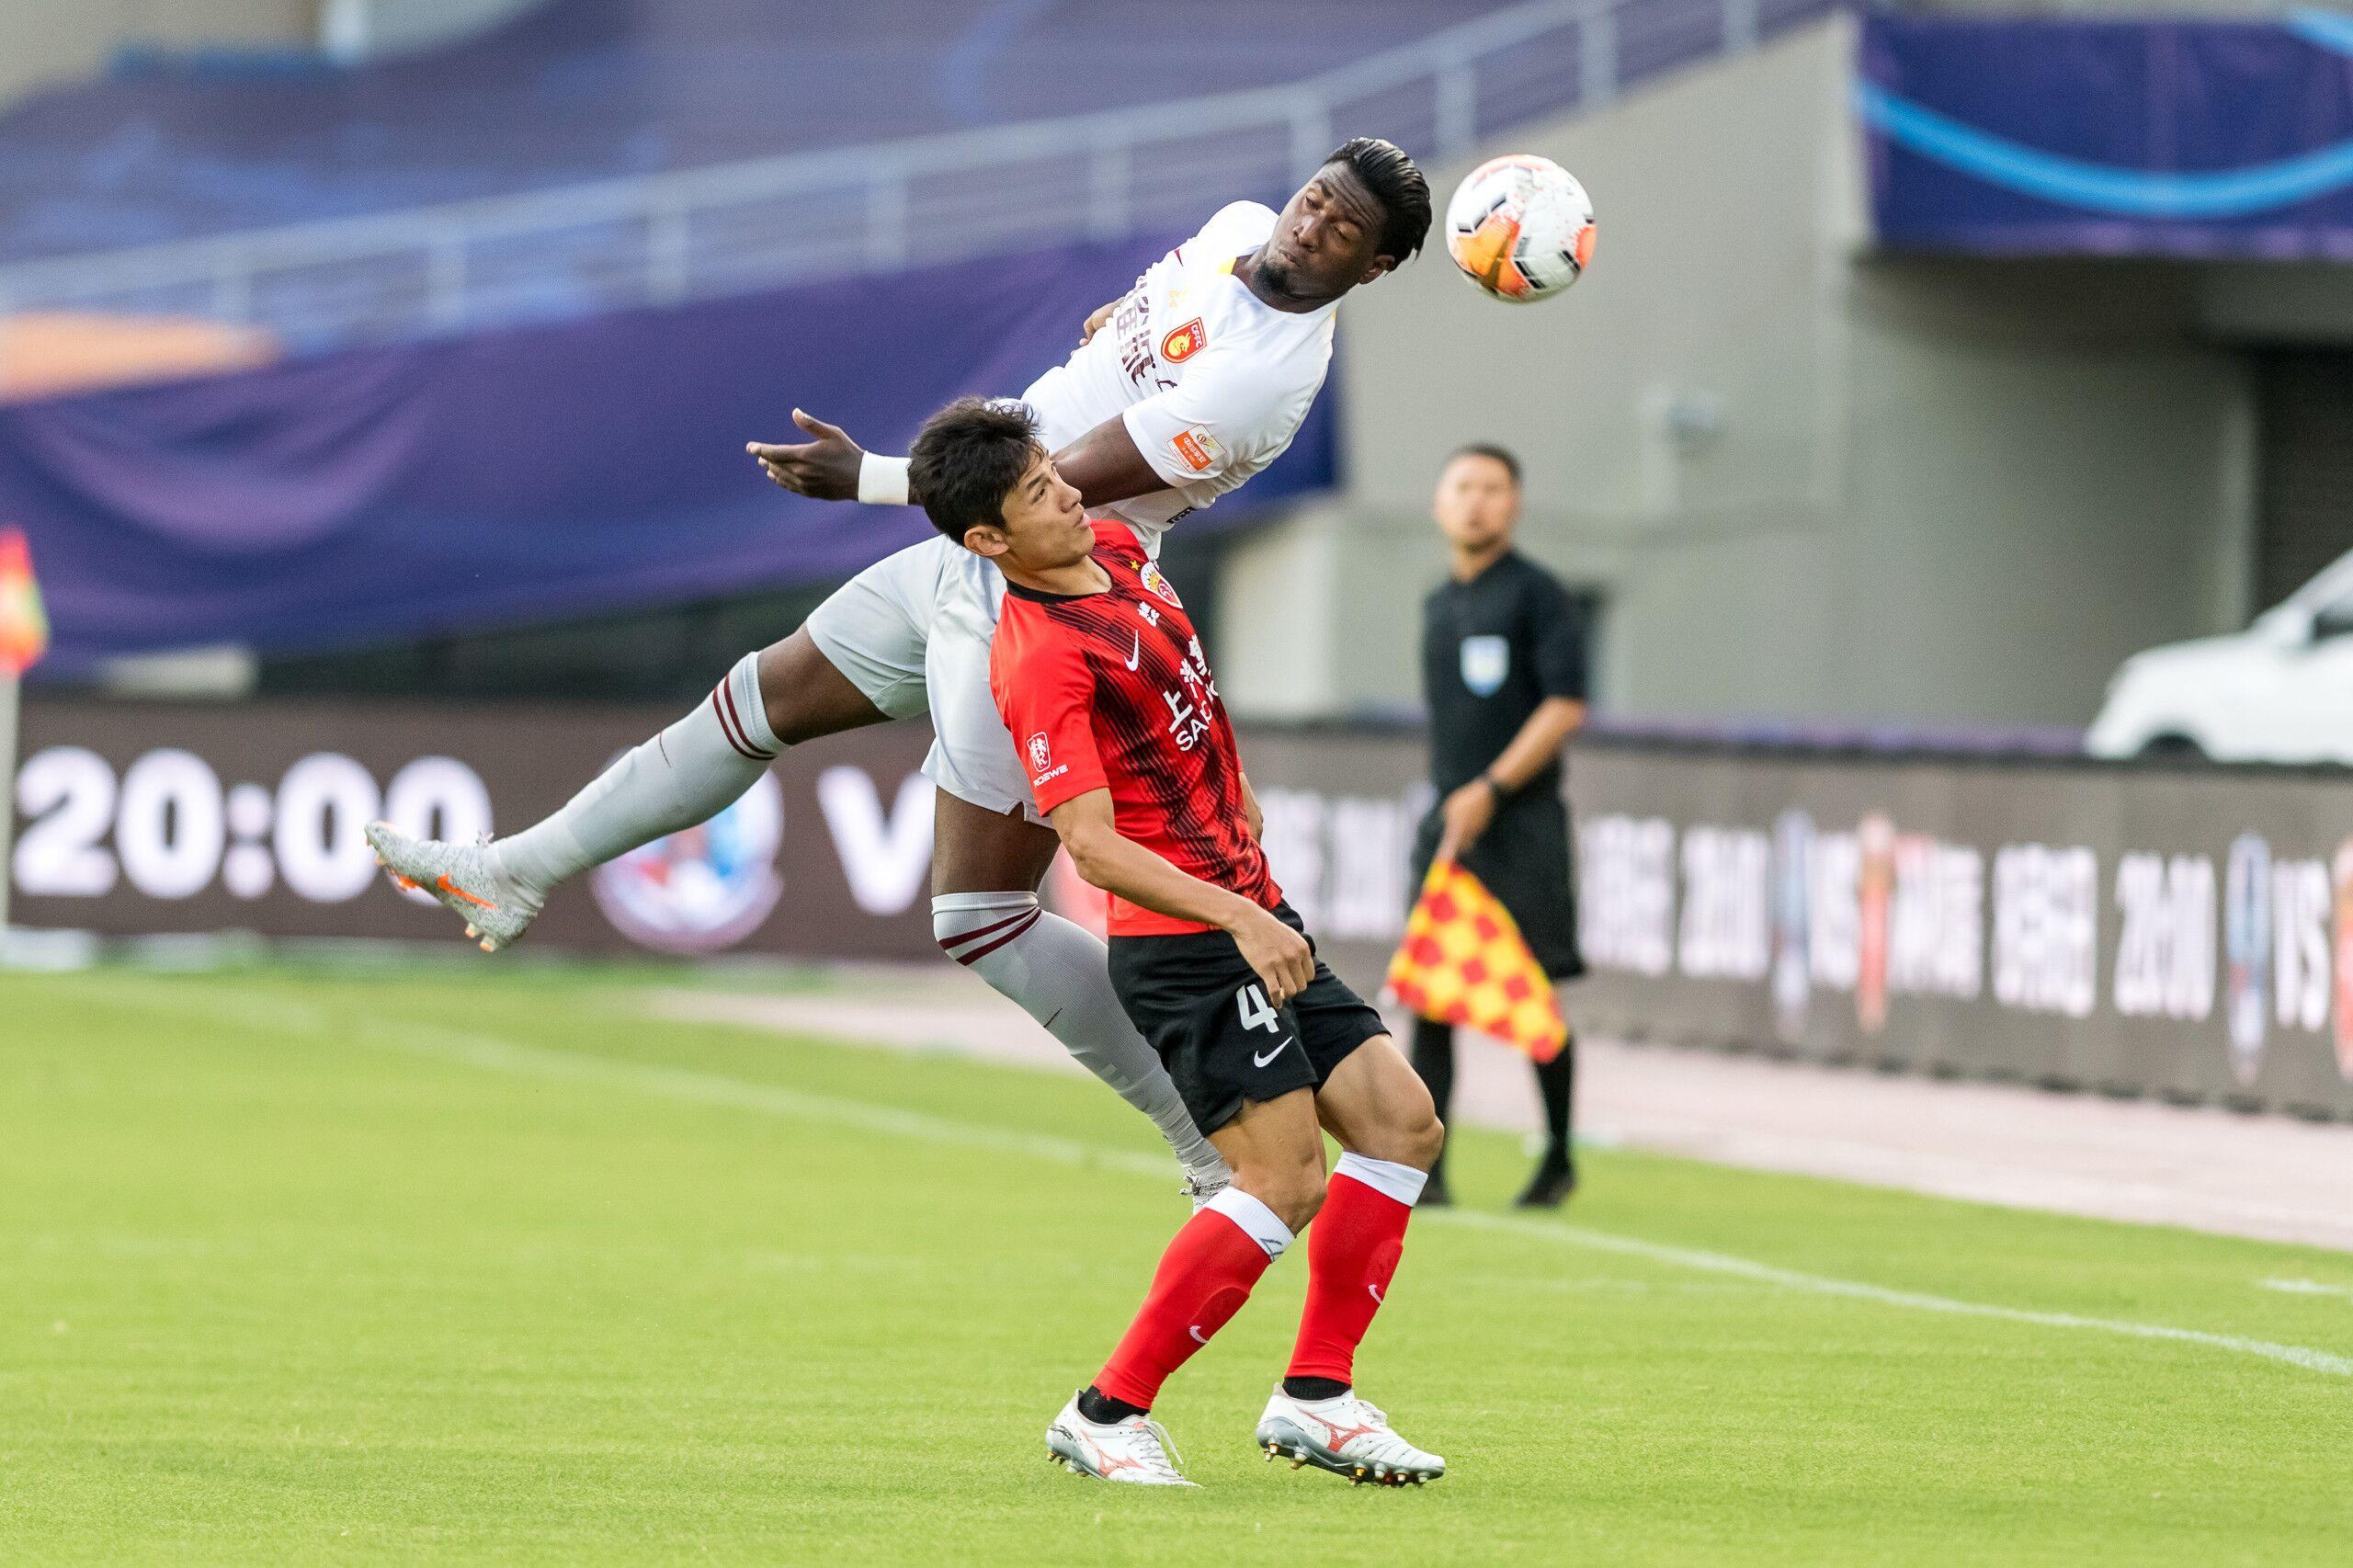 半场:阿瑙破门王燊超进球无效足球14场胜负彩开奖结果,上港1-0华夏幸福